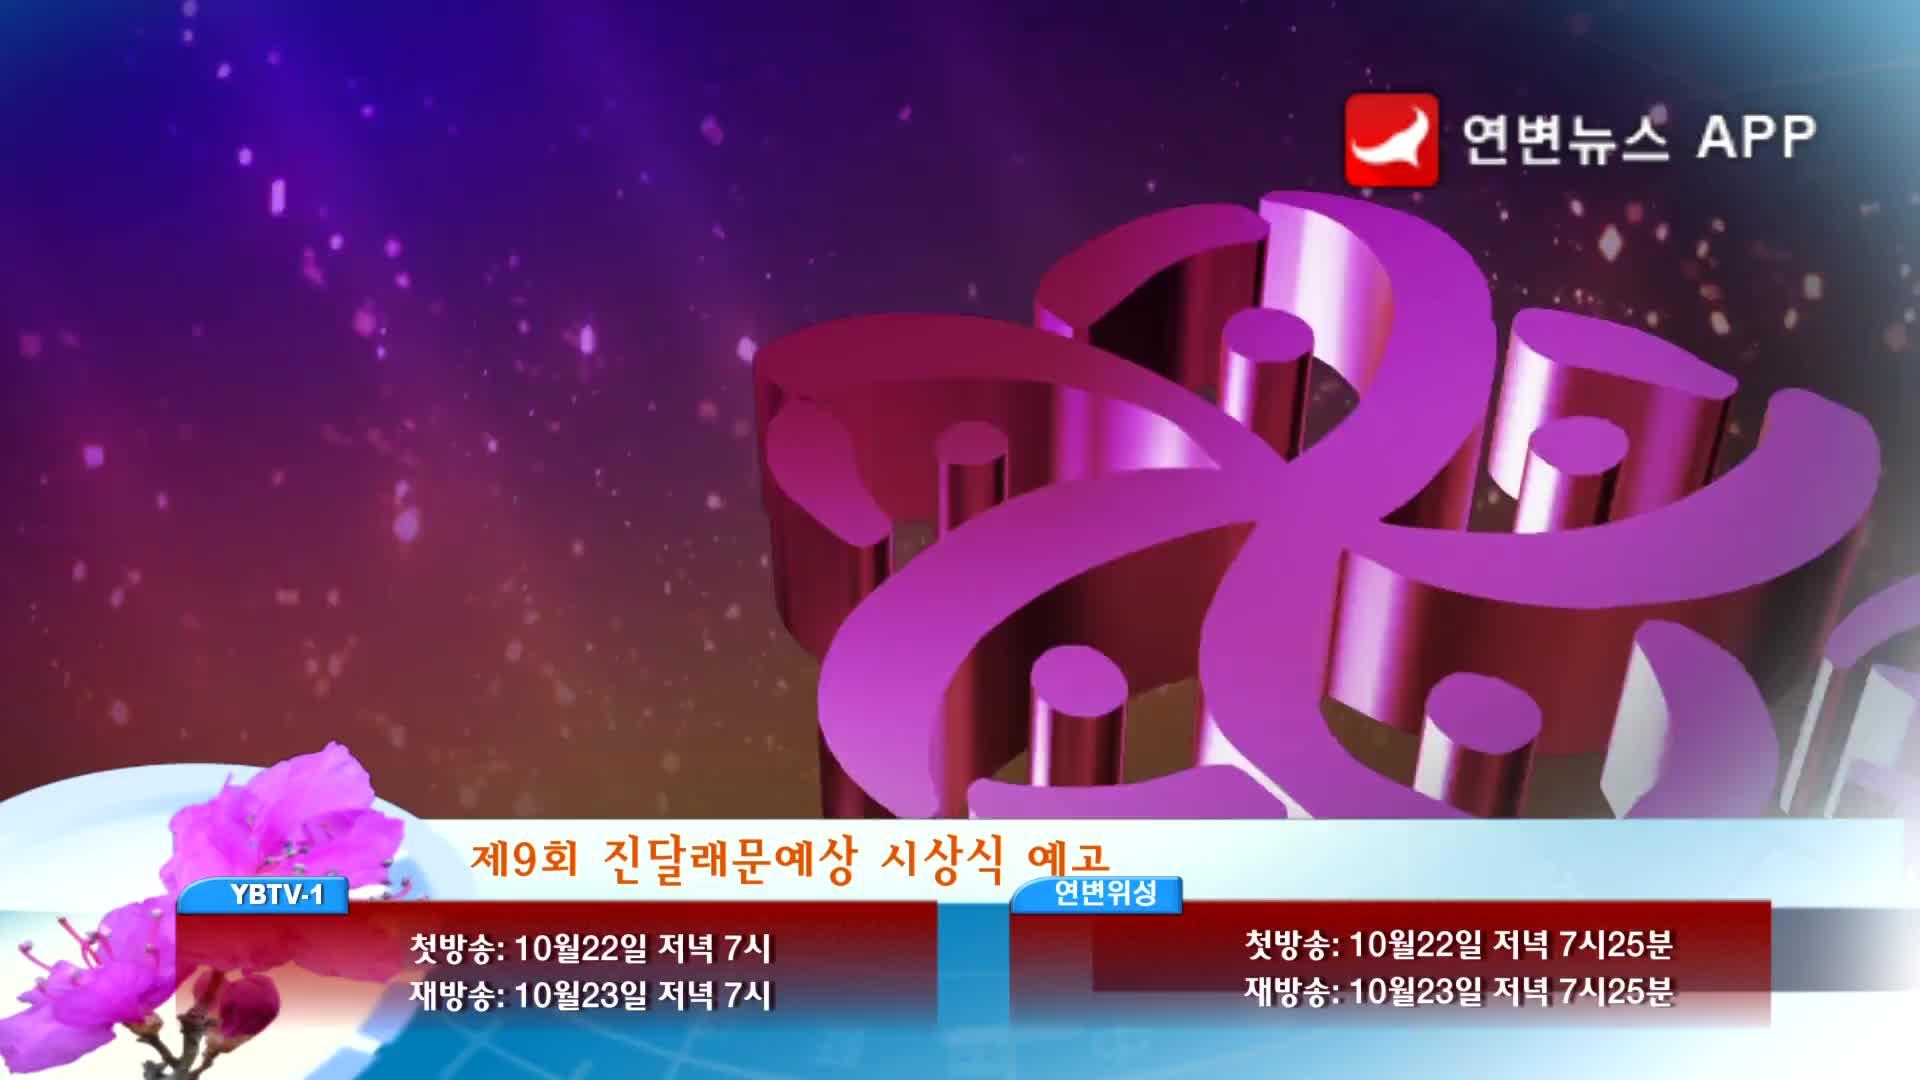 第九届金达莱文艺奖颁奖盛典预告(朝鲜语)